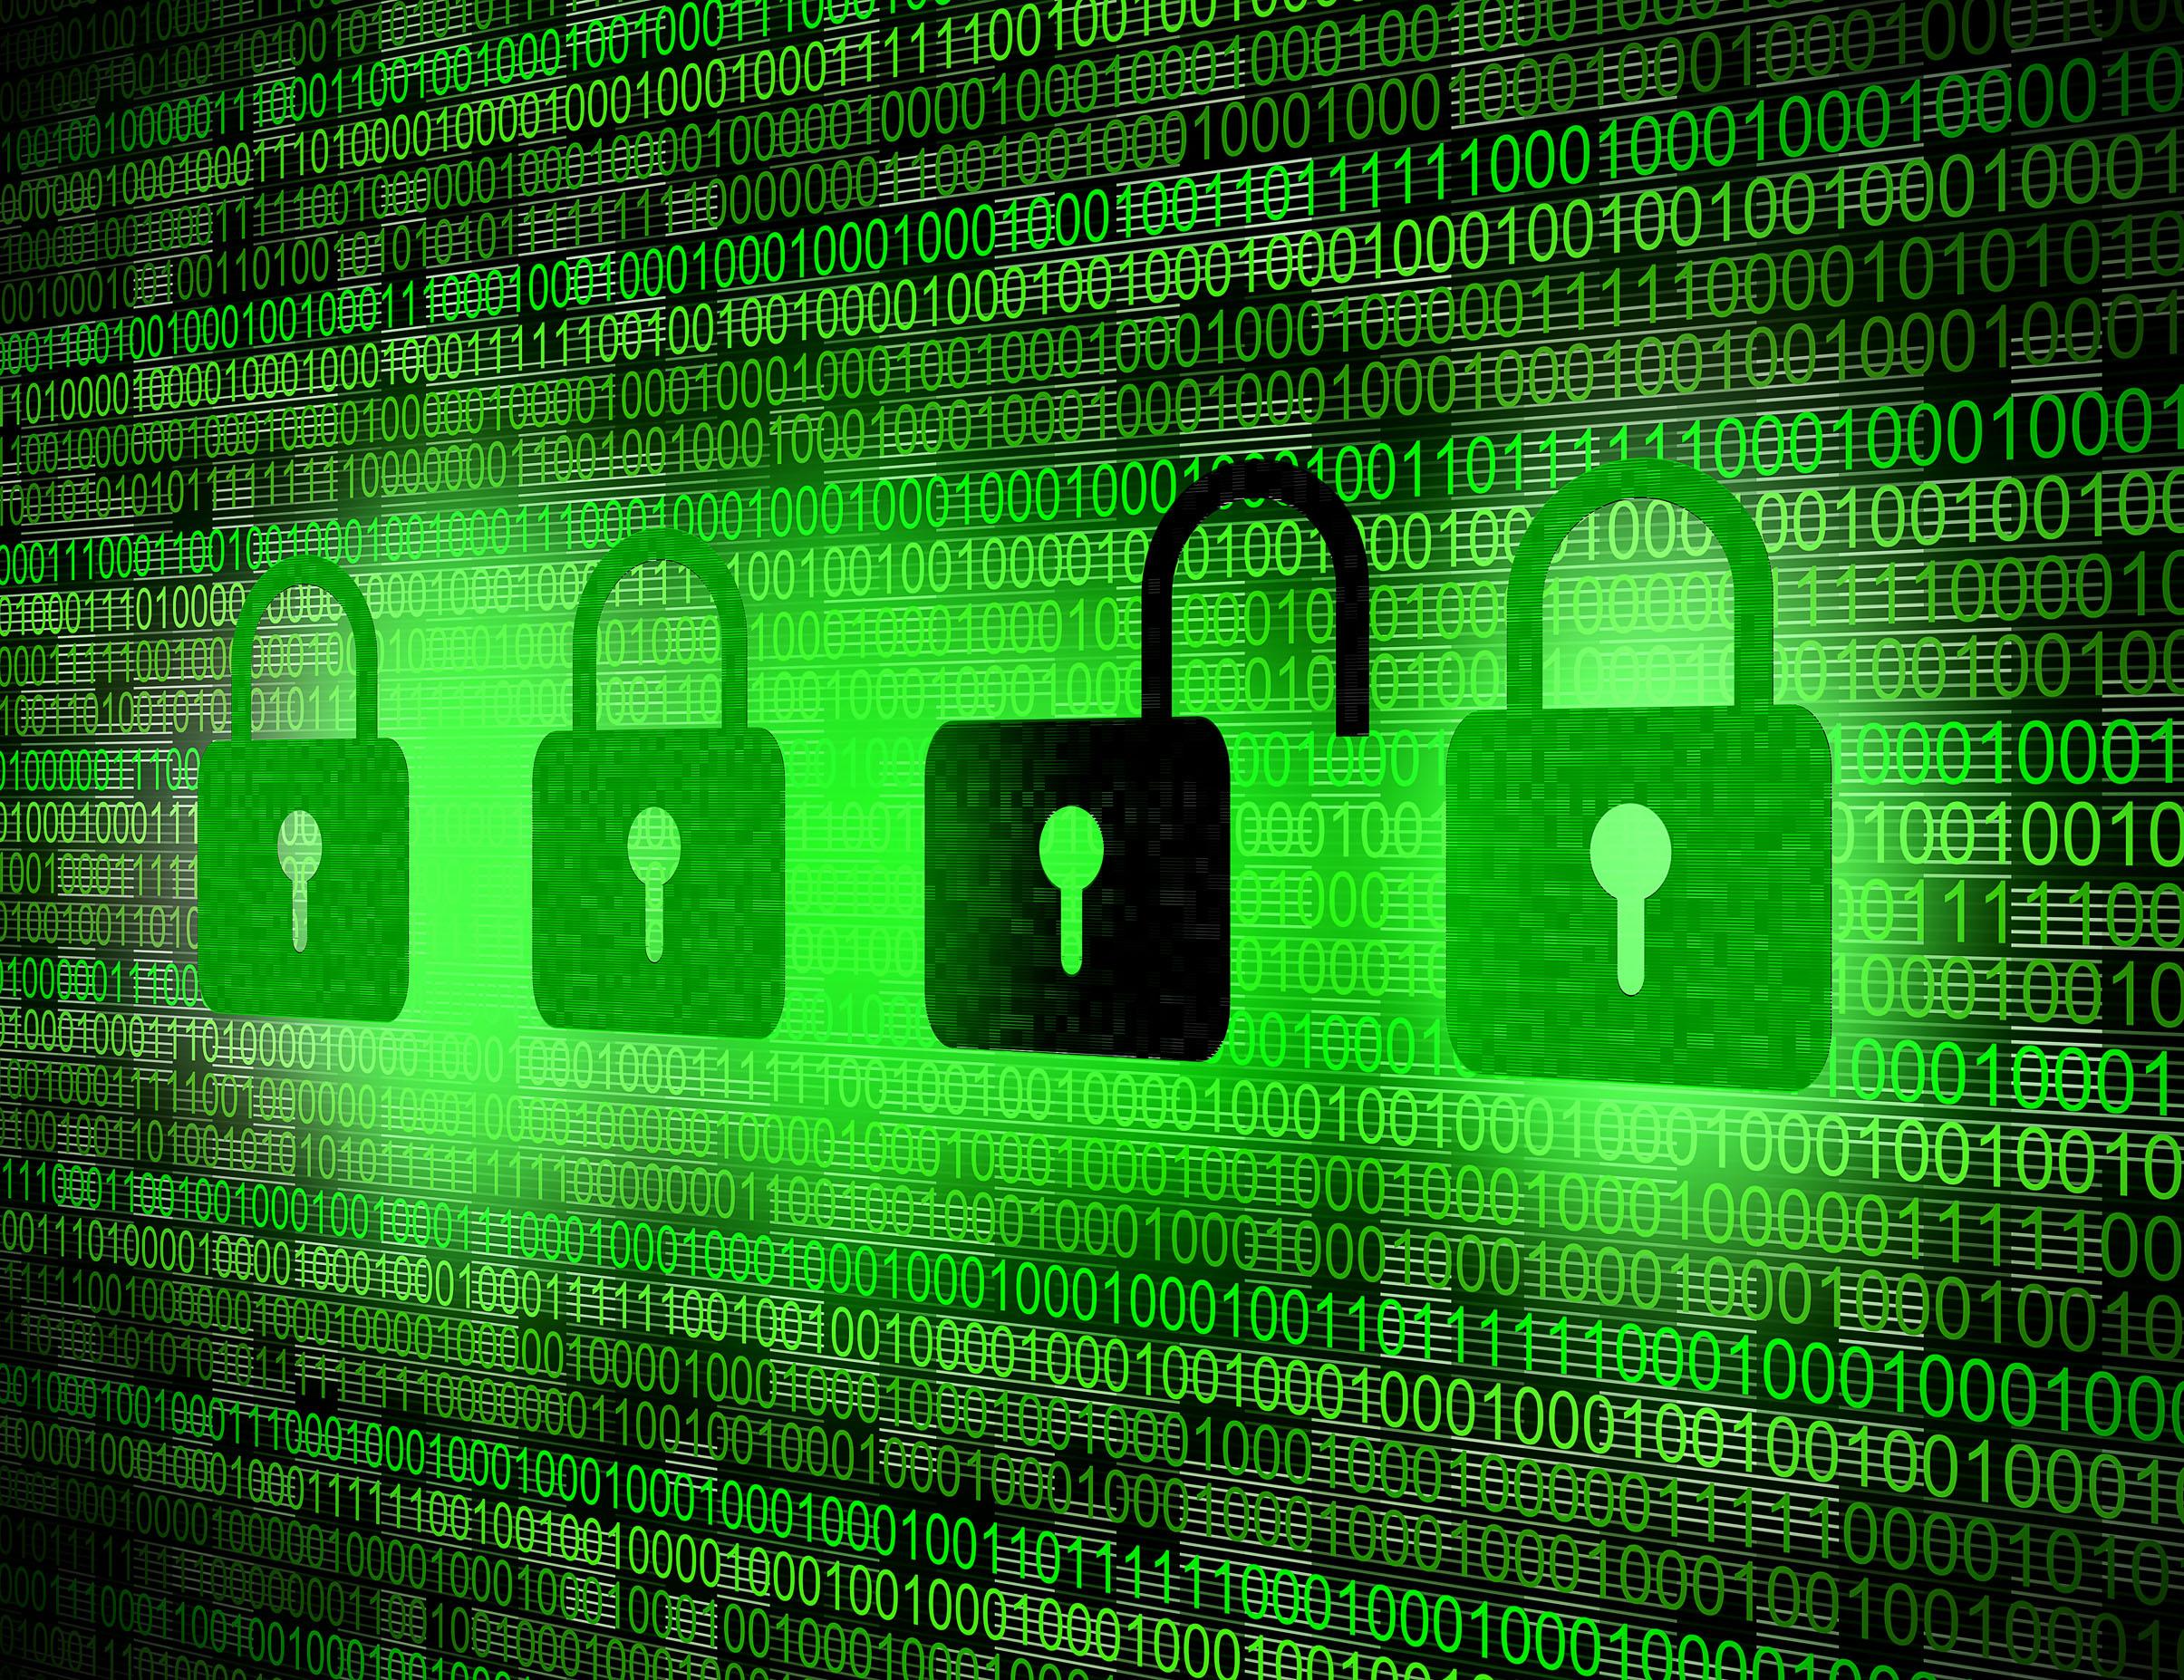 Rośnie ryzyko cyberataków na małe i średnie firmy